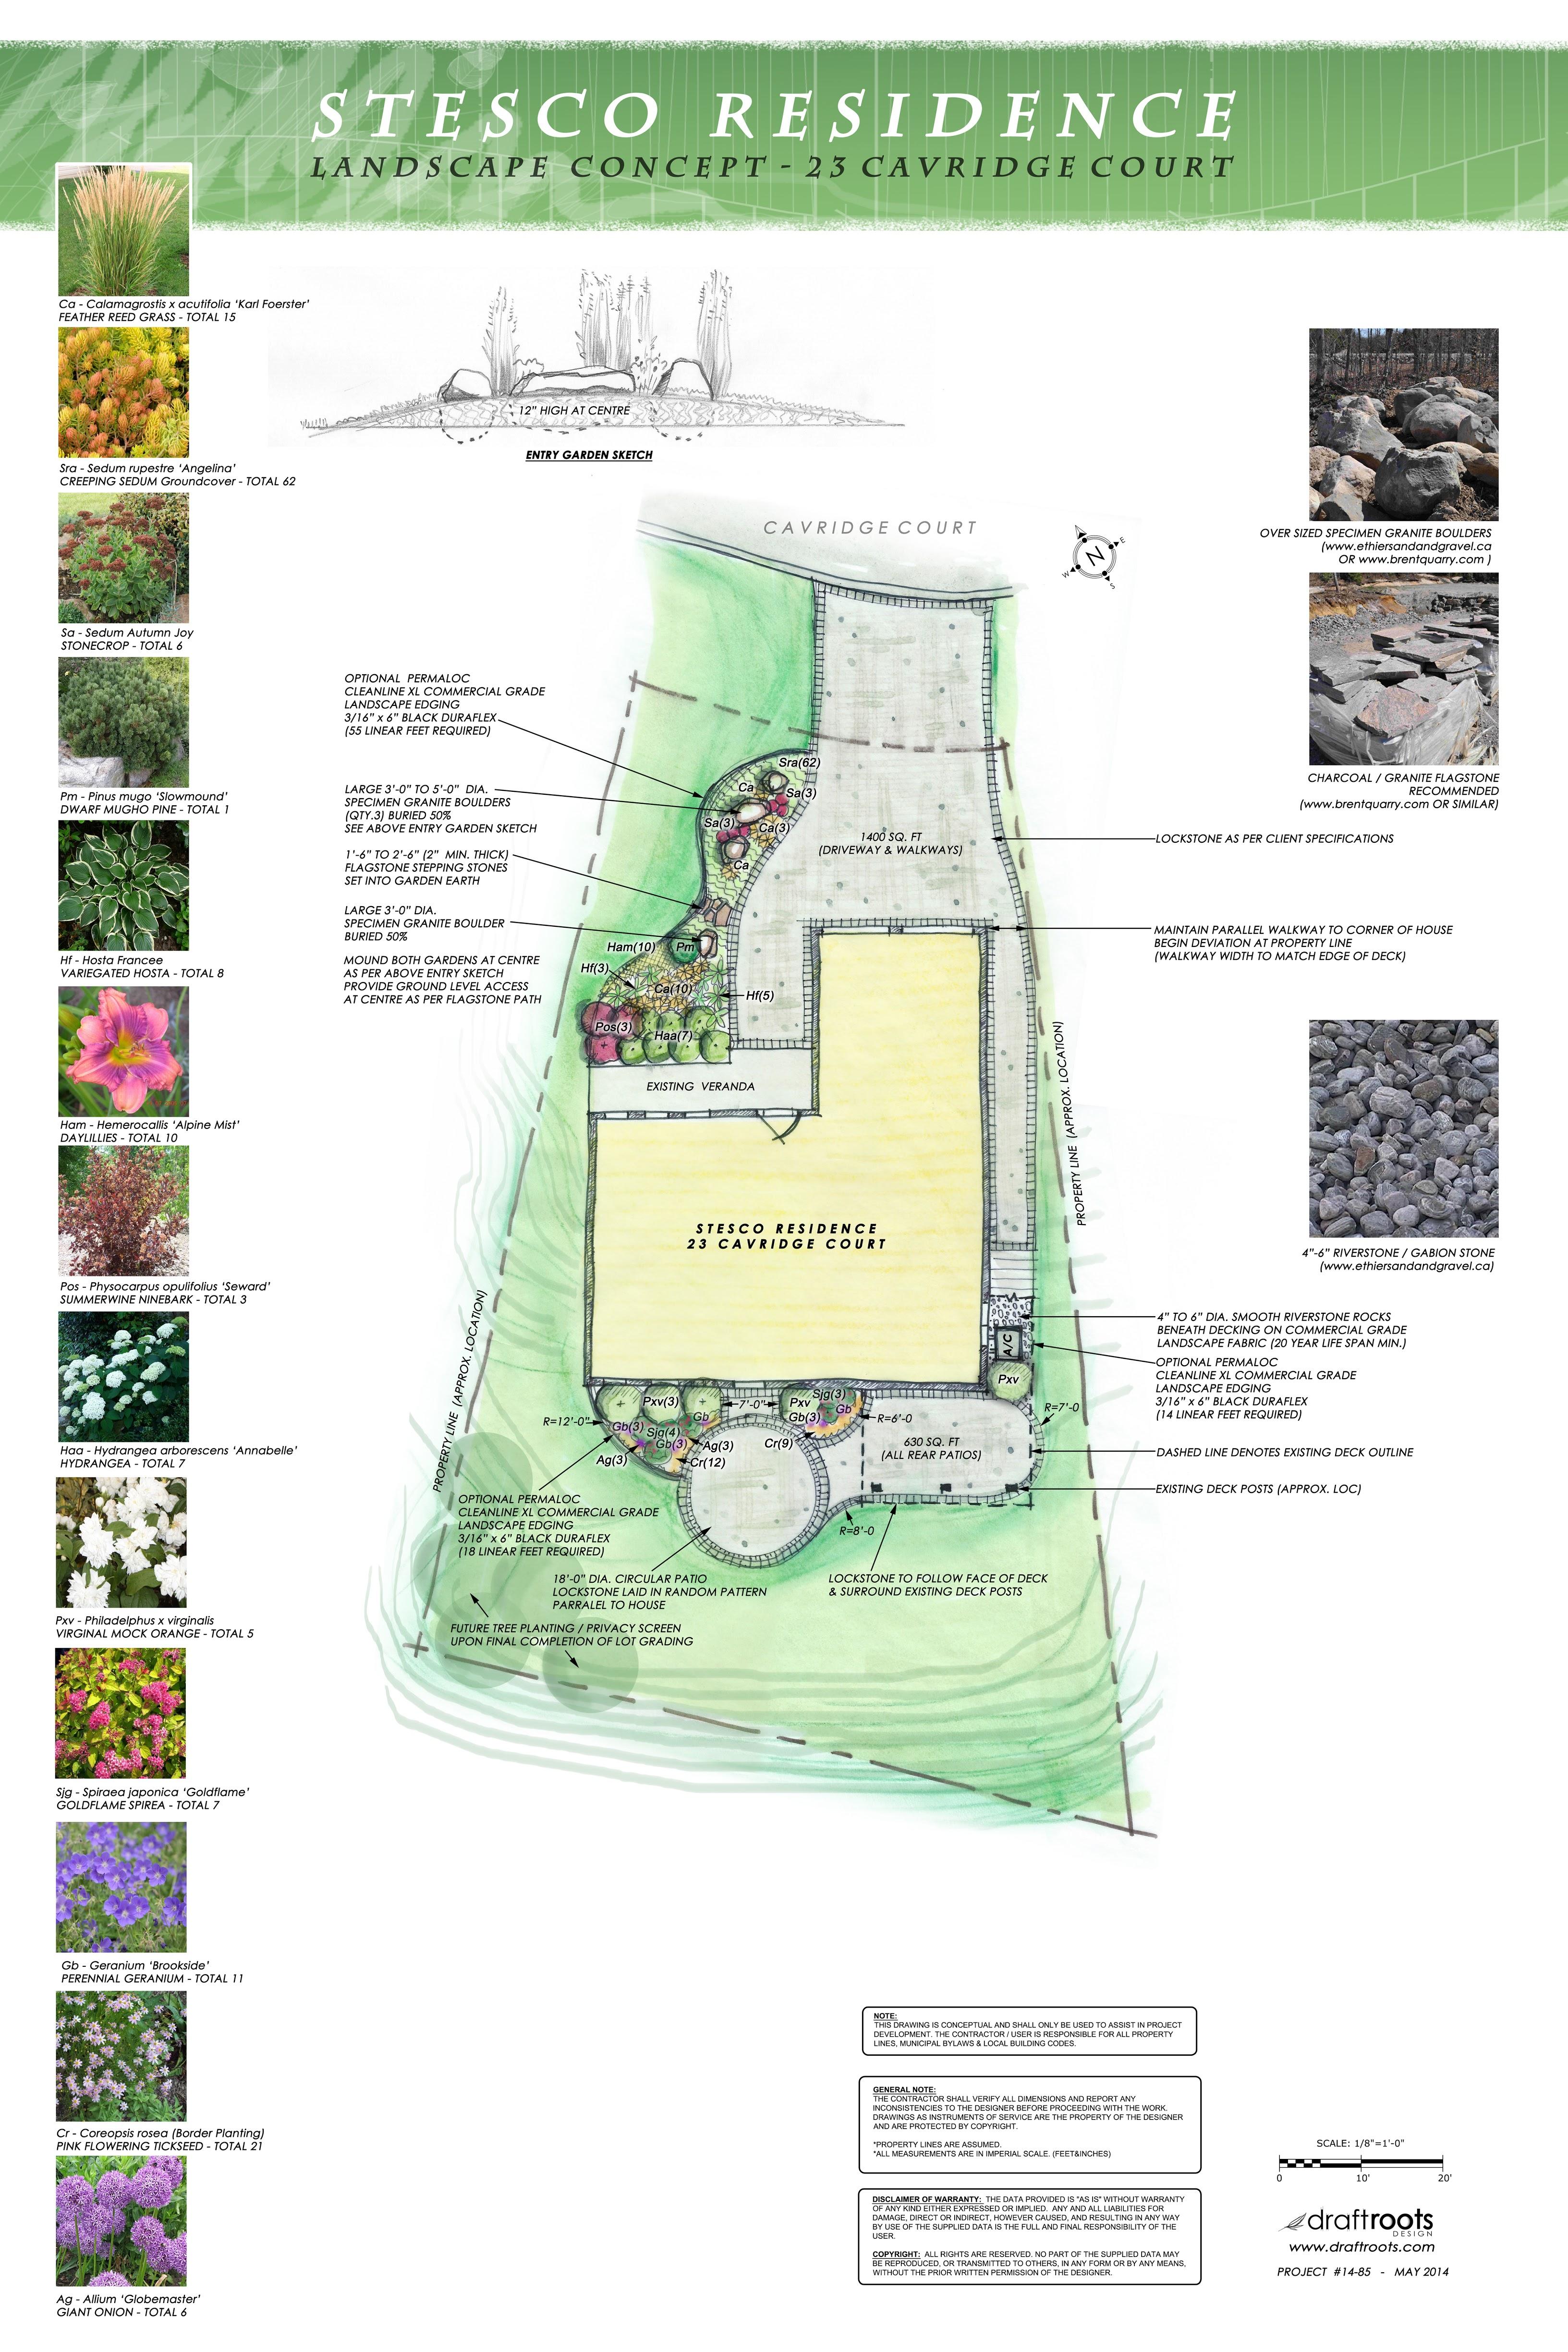 Stesco Residence Conceptual